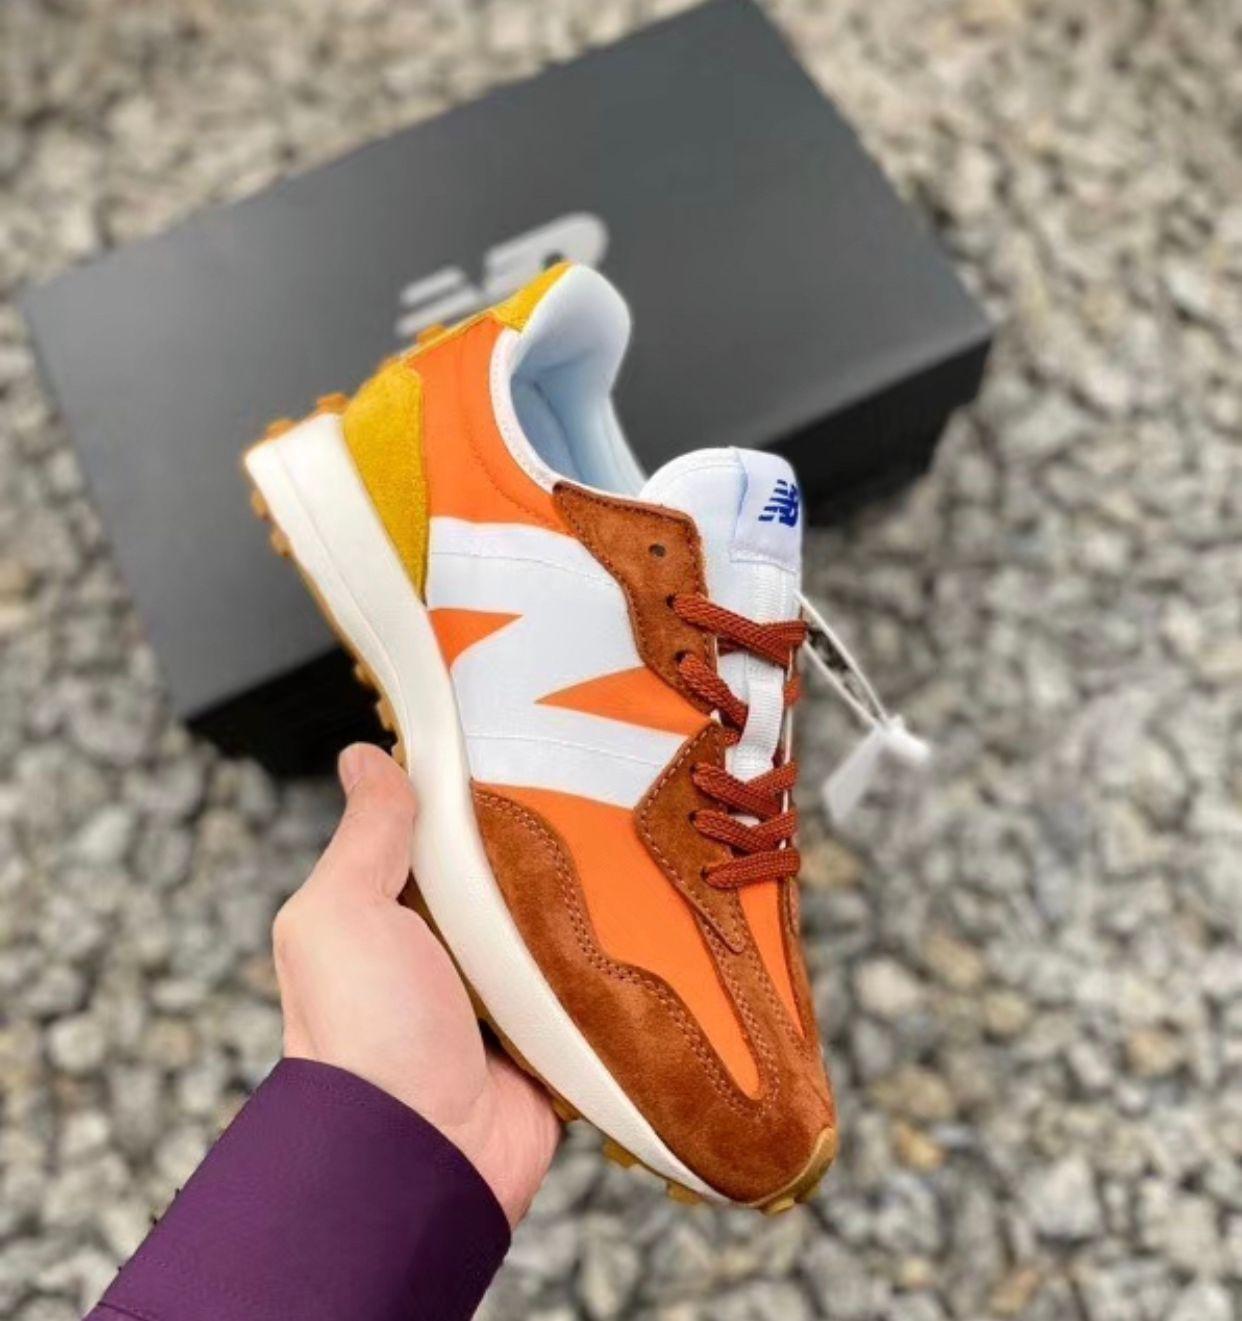 莆田精仿鞋批发的鞋能过毒吗?